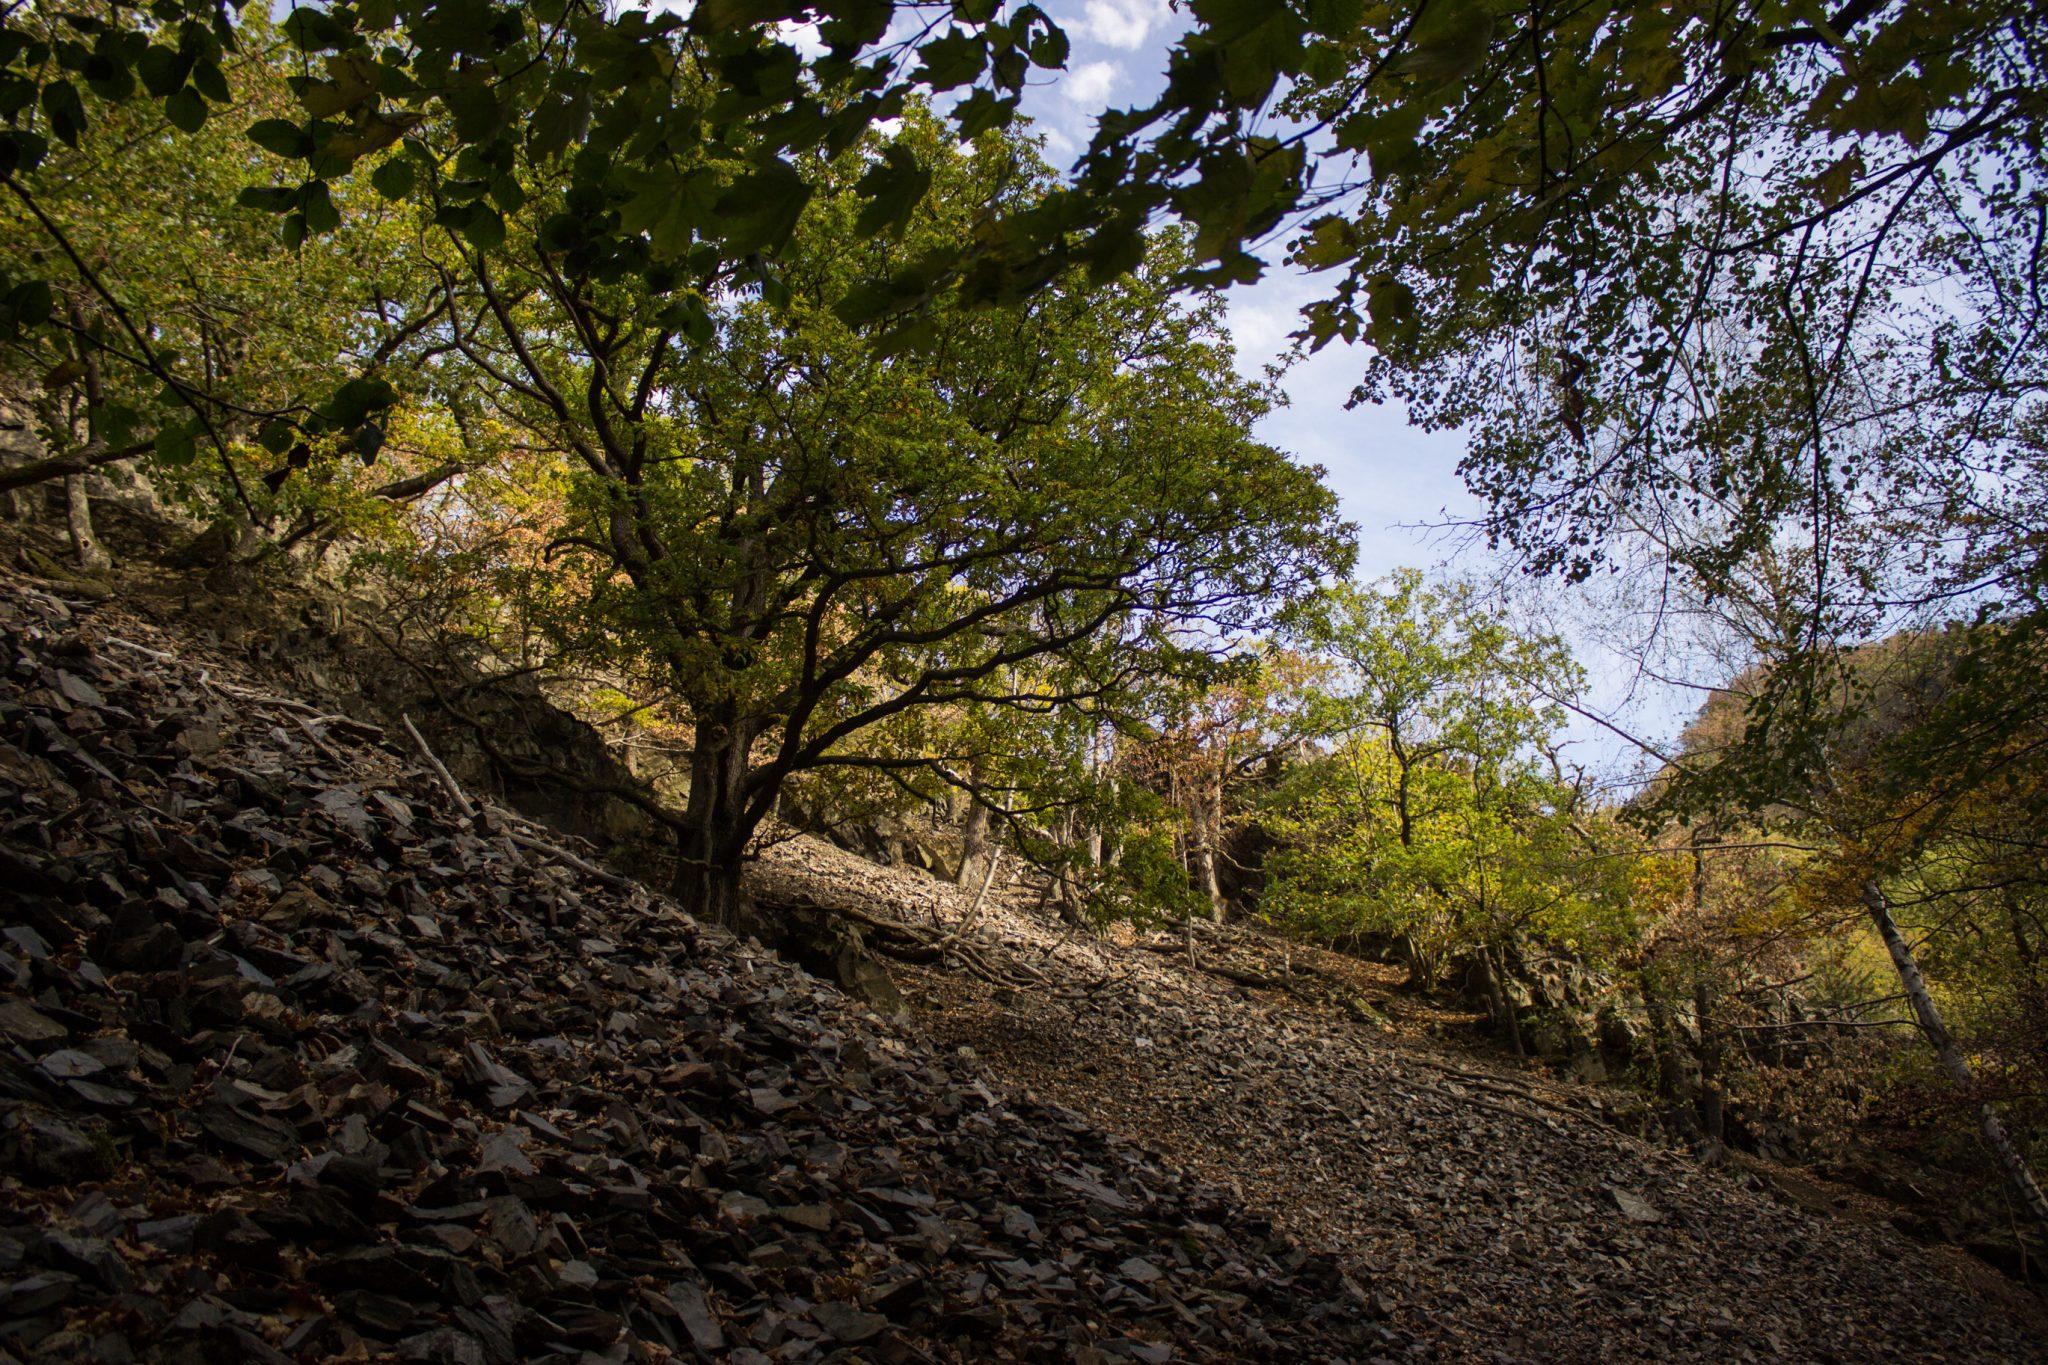 Rundwanderung Thale nach Treseburg - über Hexentanzplatz, Bodetal und Roßtrappe, Wanderweg im Bodetal, großer Erdrutsch hat Vegetation zerstört, schöner dichter Wald entsteht neu